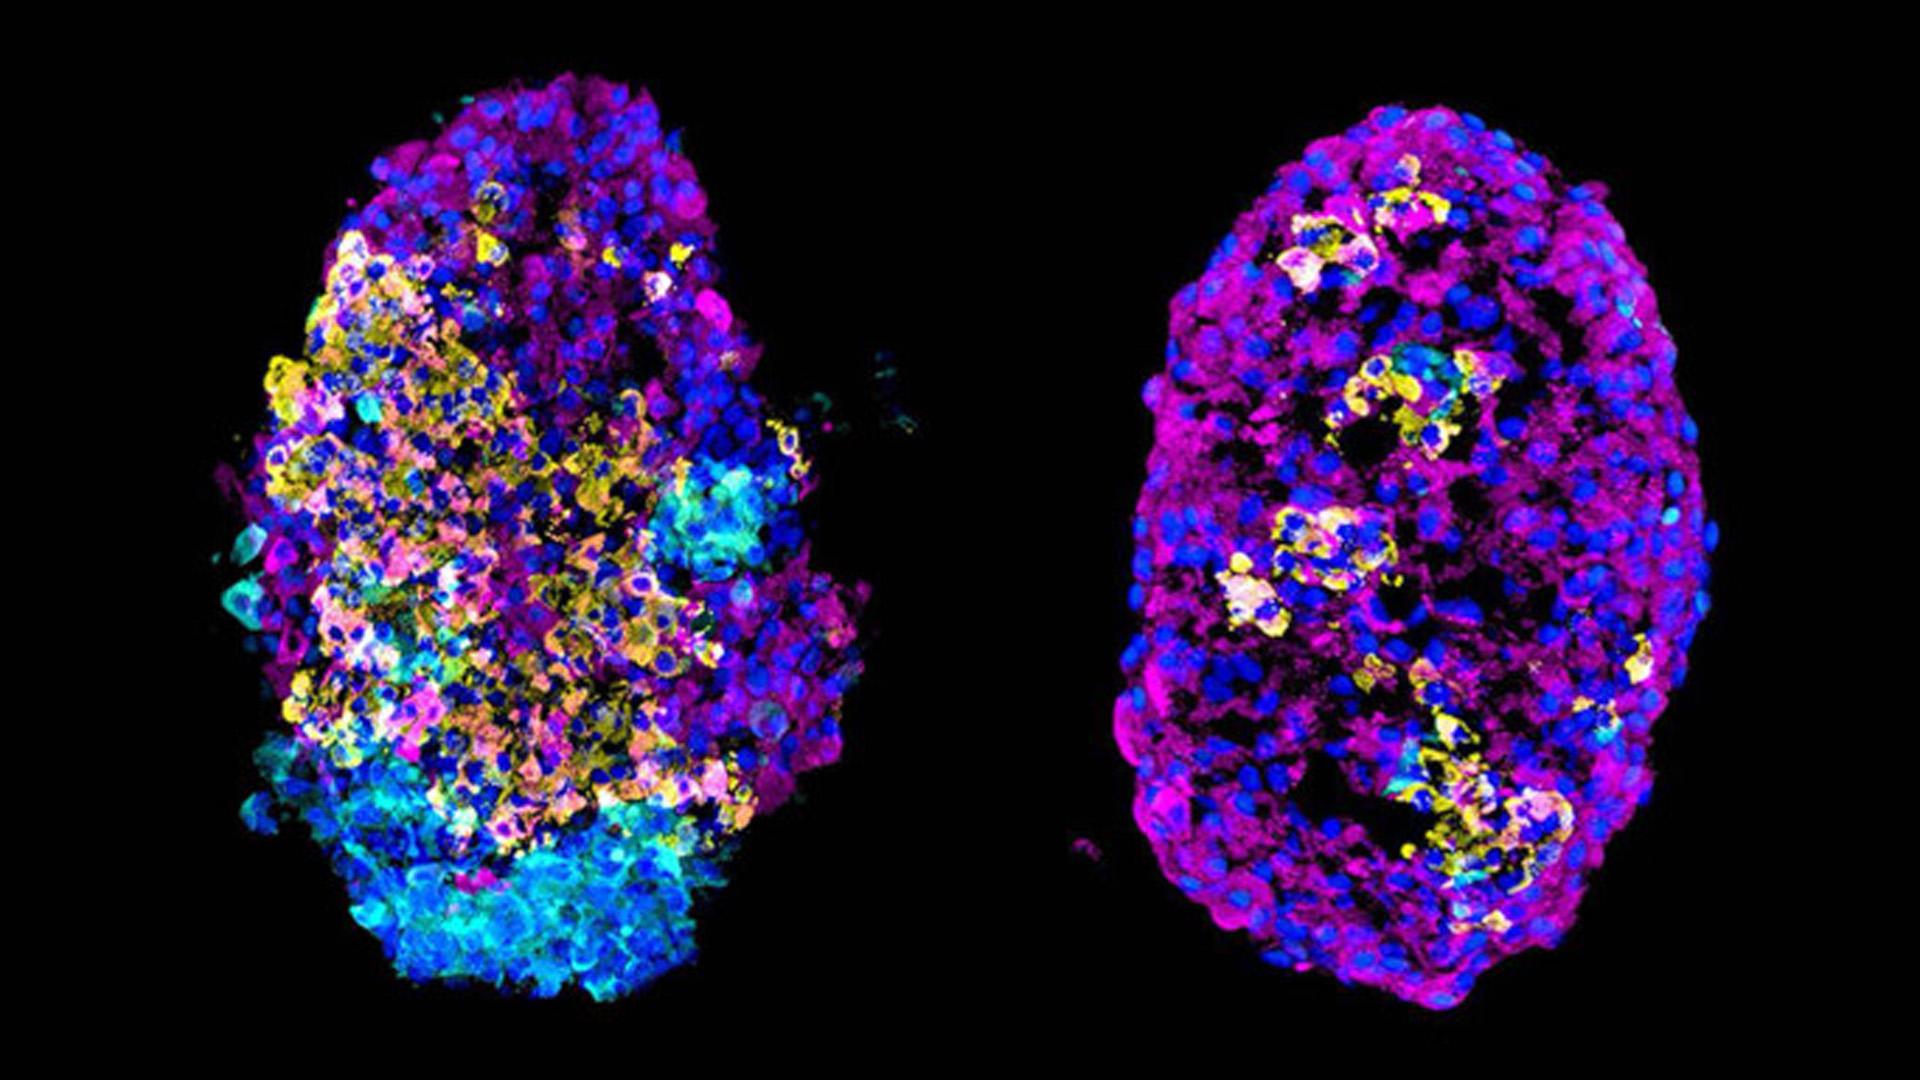 Los investigadores utilizaron la secuenciación de una sola célula para identificar el catálogo completo de genes expresados en decenas de miles de células individuales